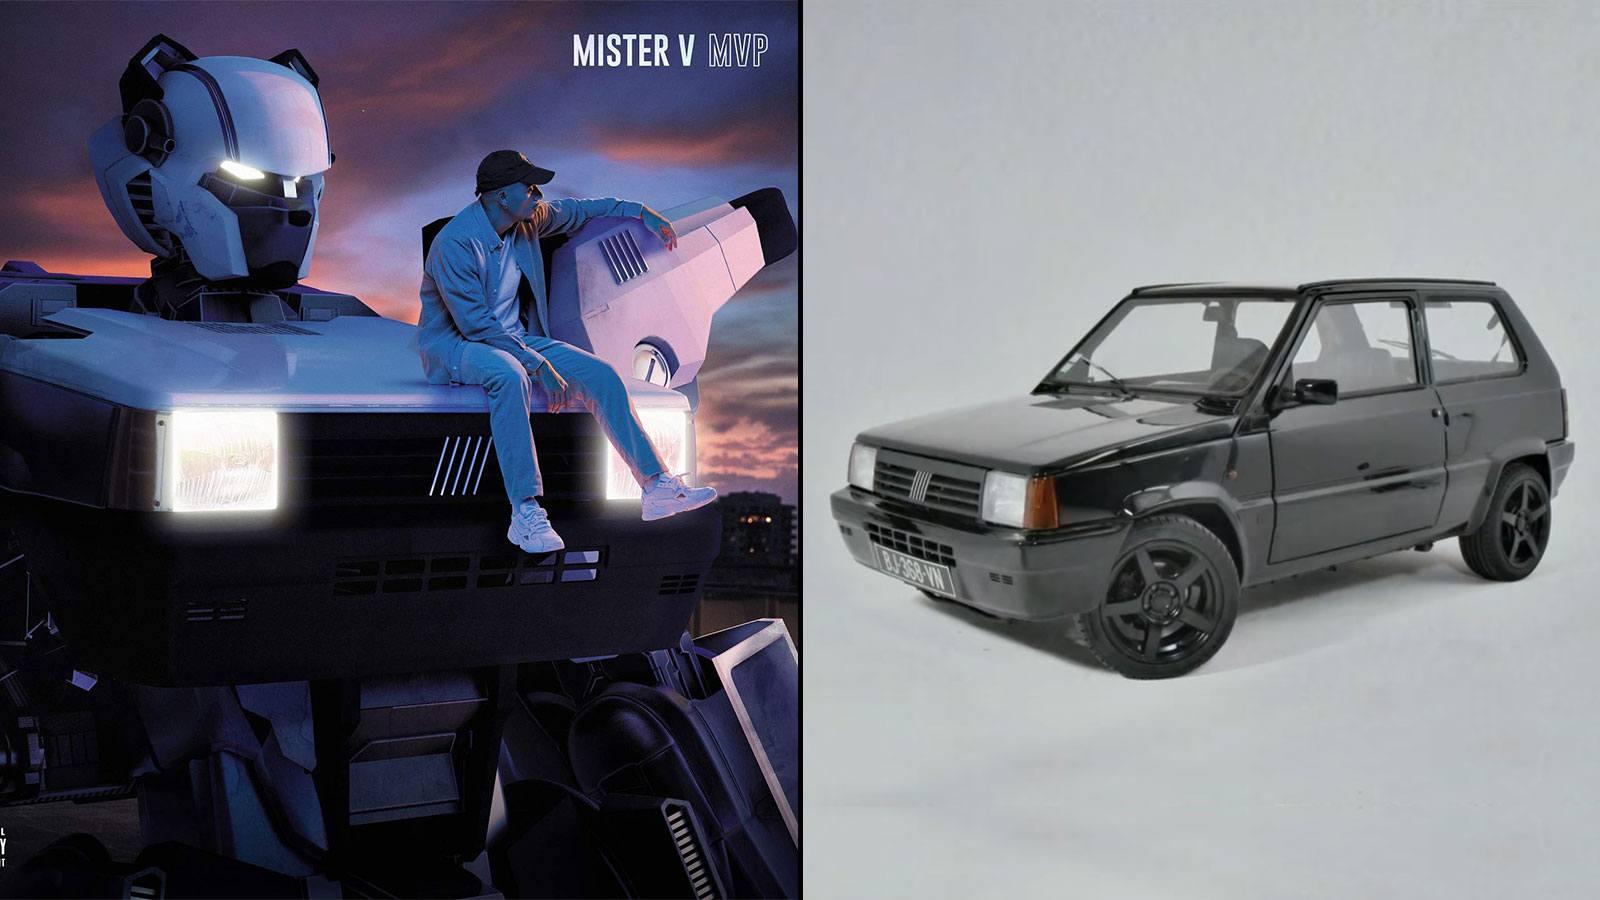 Réédition de l'album MVP de Mister V